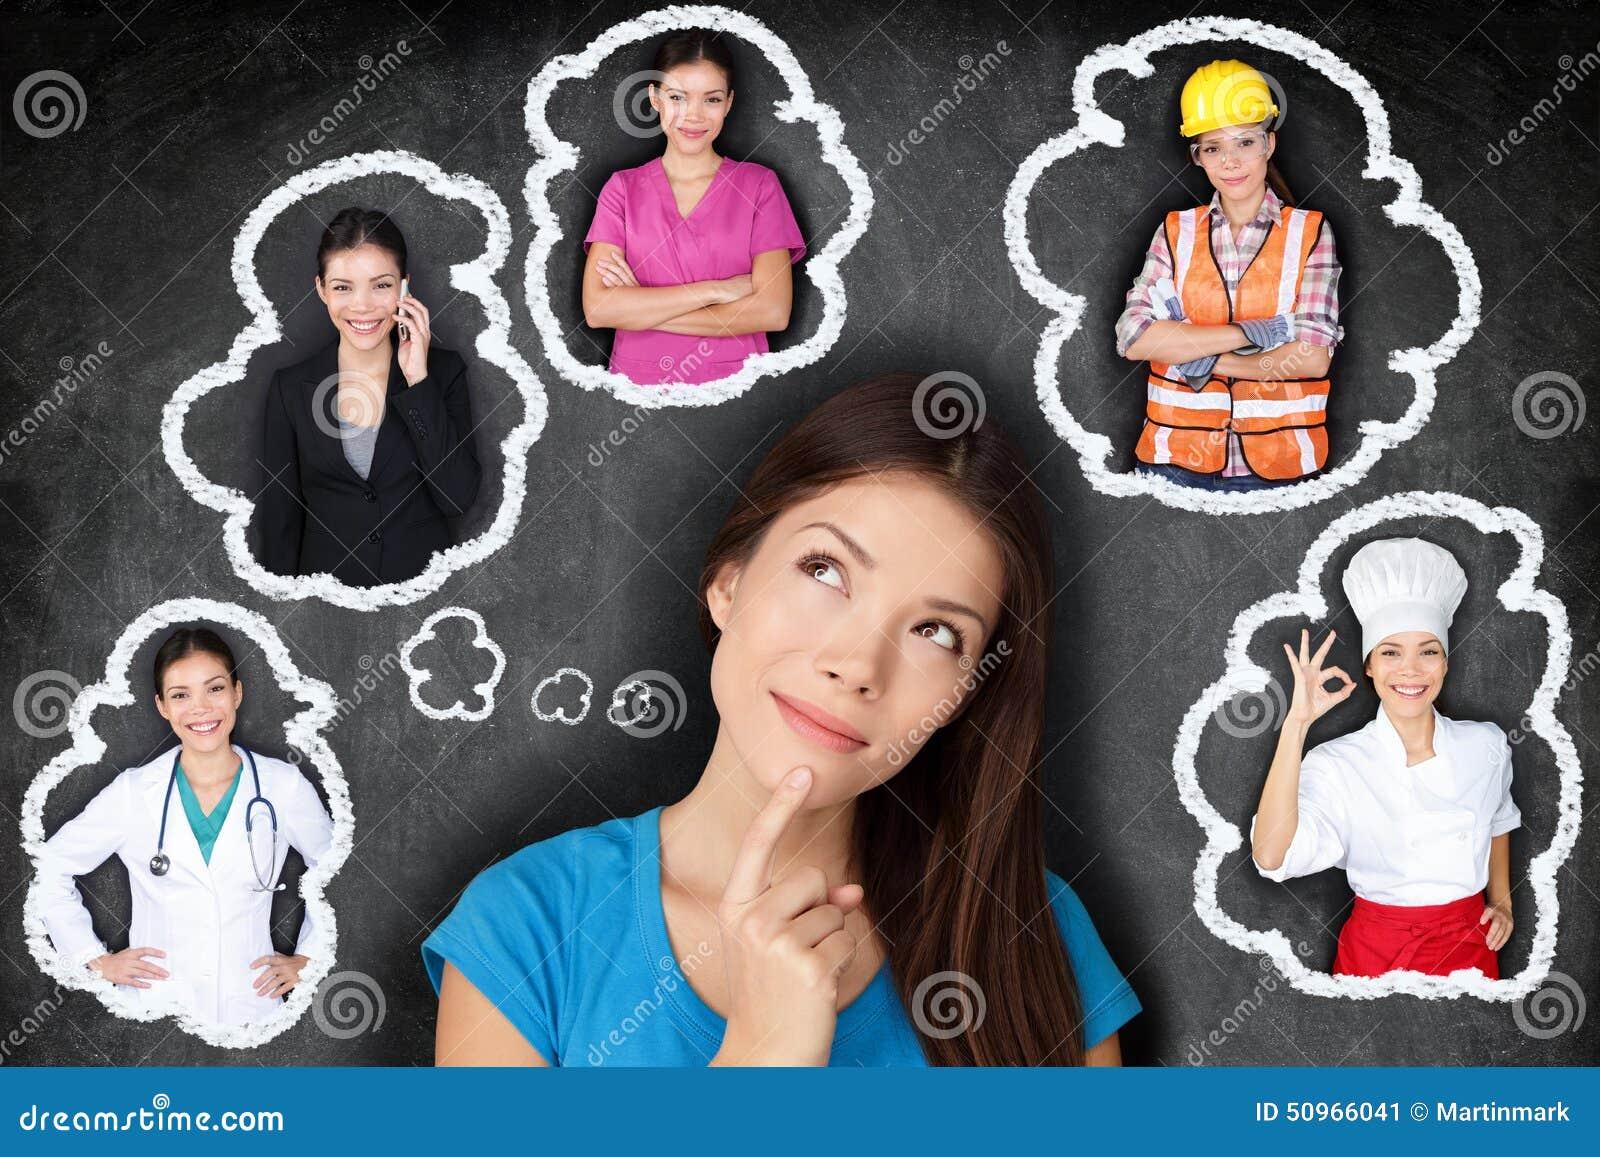 Istruzione e carriera - studente che pensa al futuro